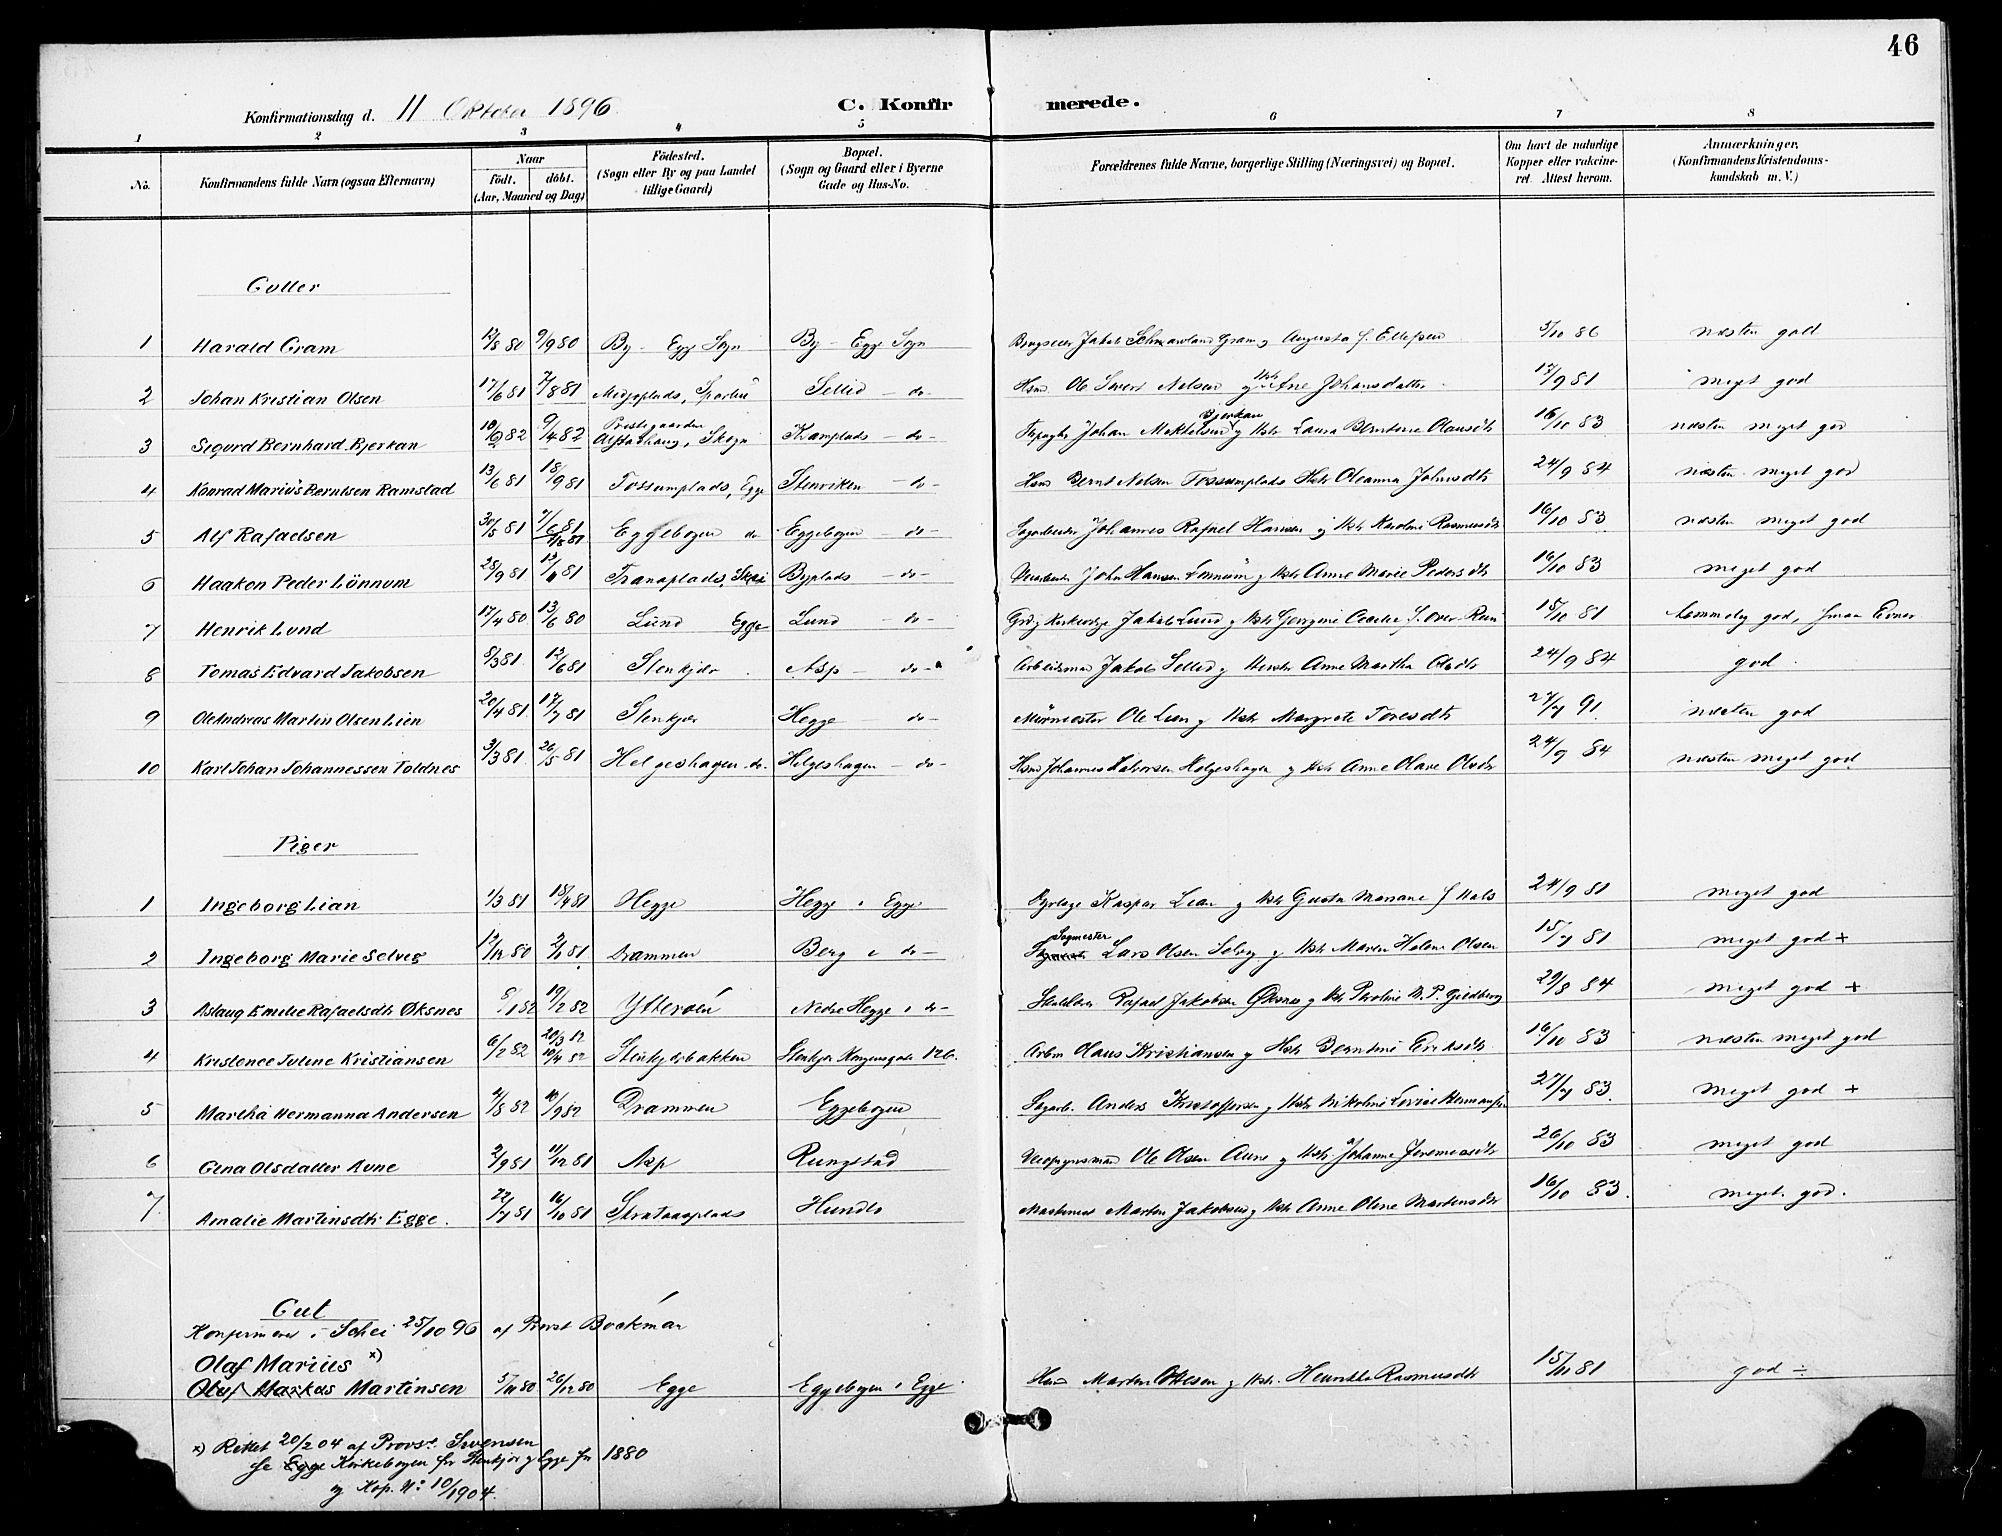 SAT, Ministerialprotokoller, klokkerbøker og fødselsregistre - Nord-Trøndelag, 740/L0379: Ministerialbok nr. 740A02, 1895-1907, s. 46